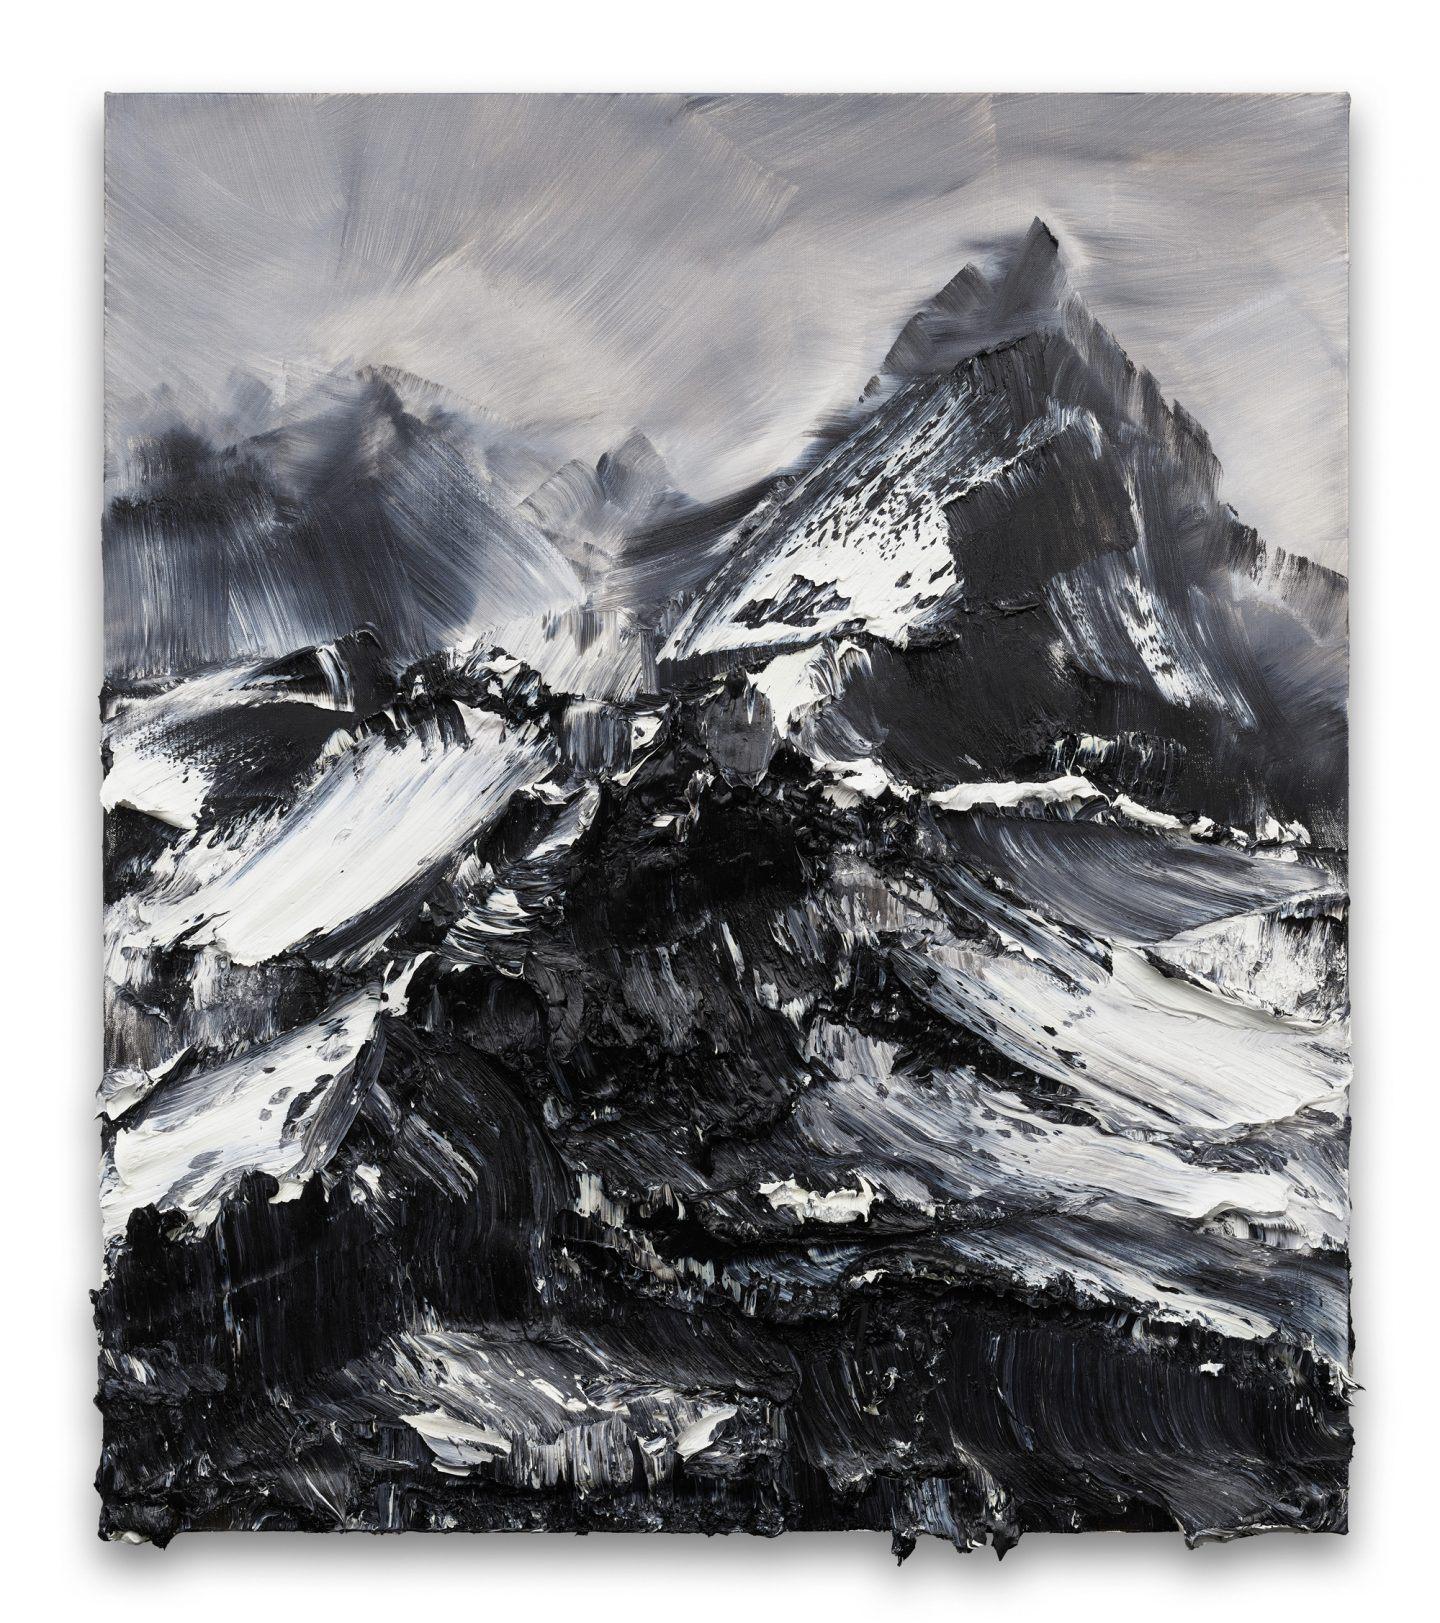 IGNANT-Art-Conrad-Jon-Godly-Paintings-7